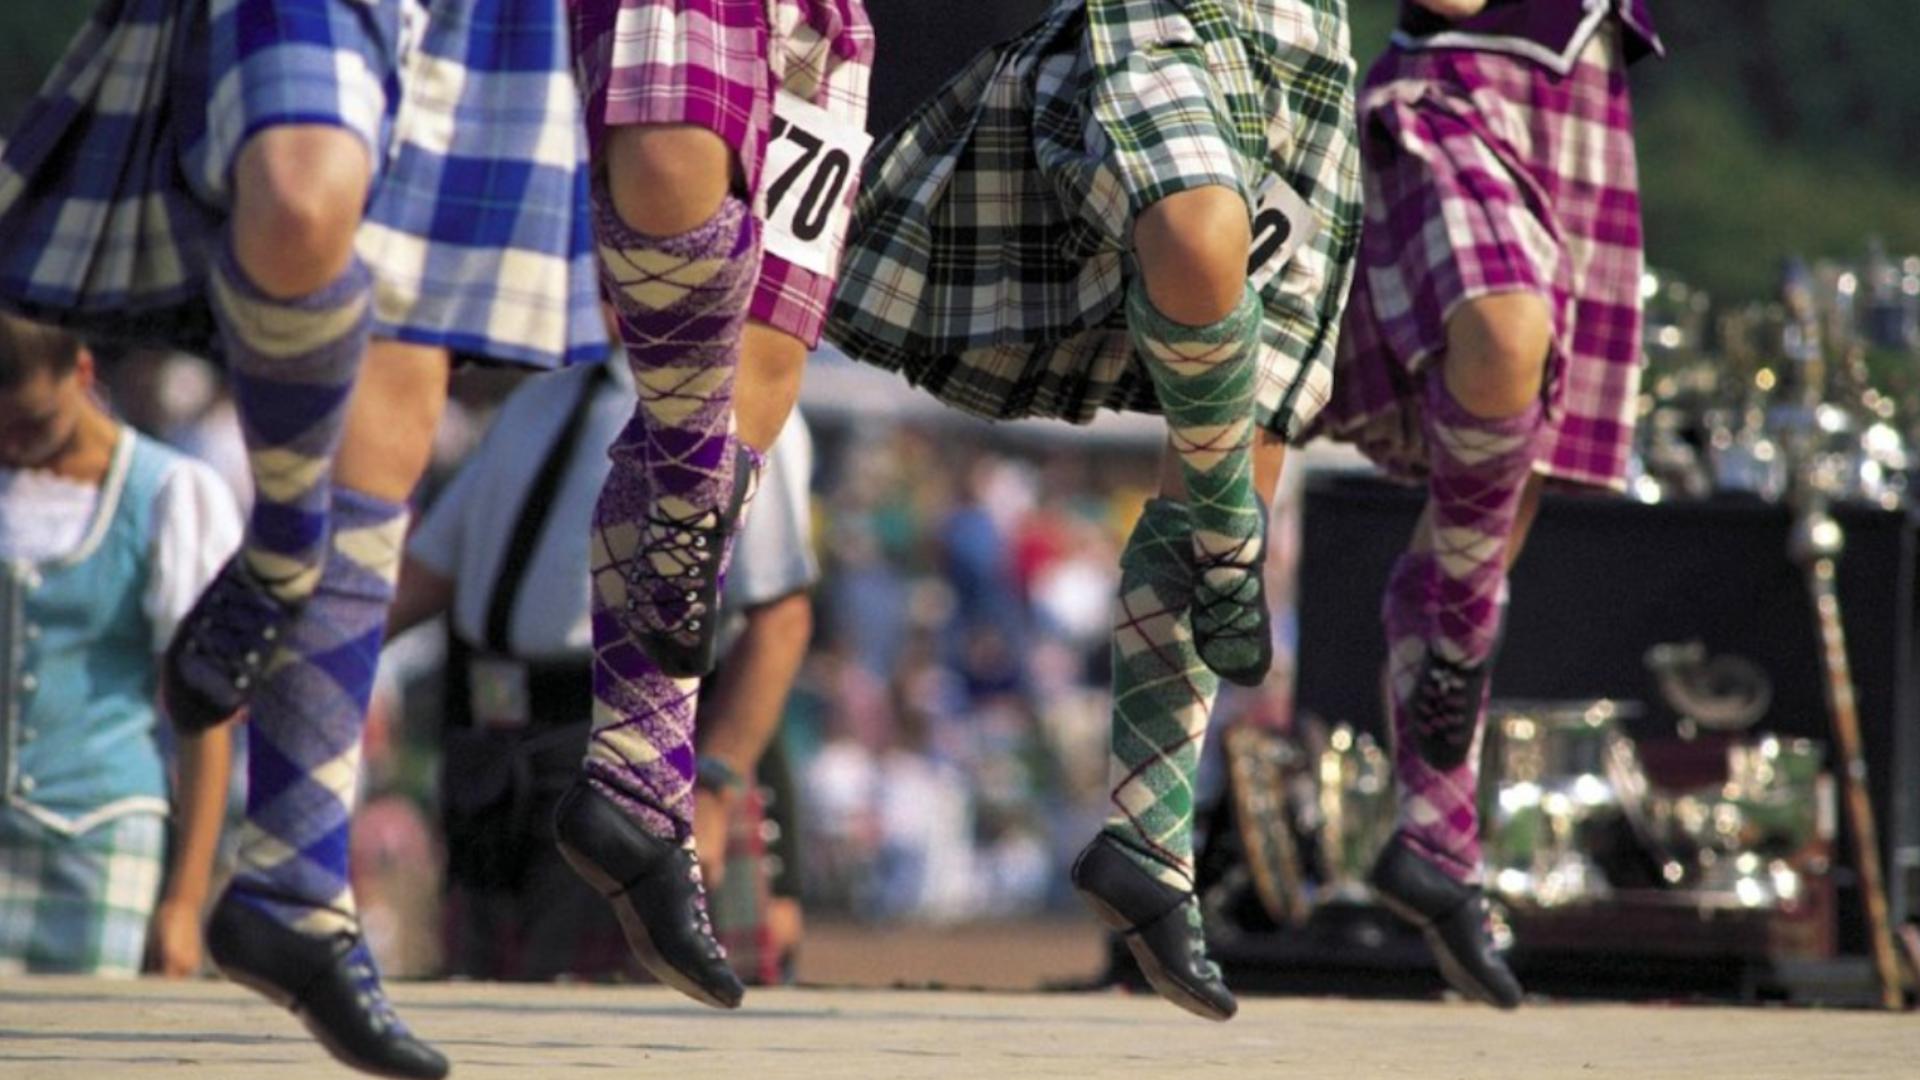 Cliquez ici pour en savoir plus sur Highland dance